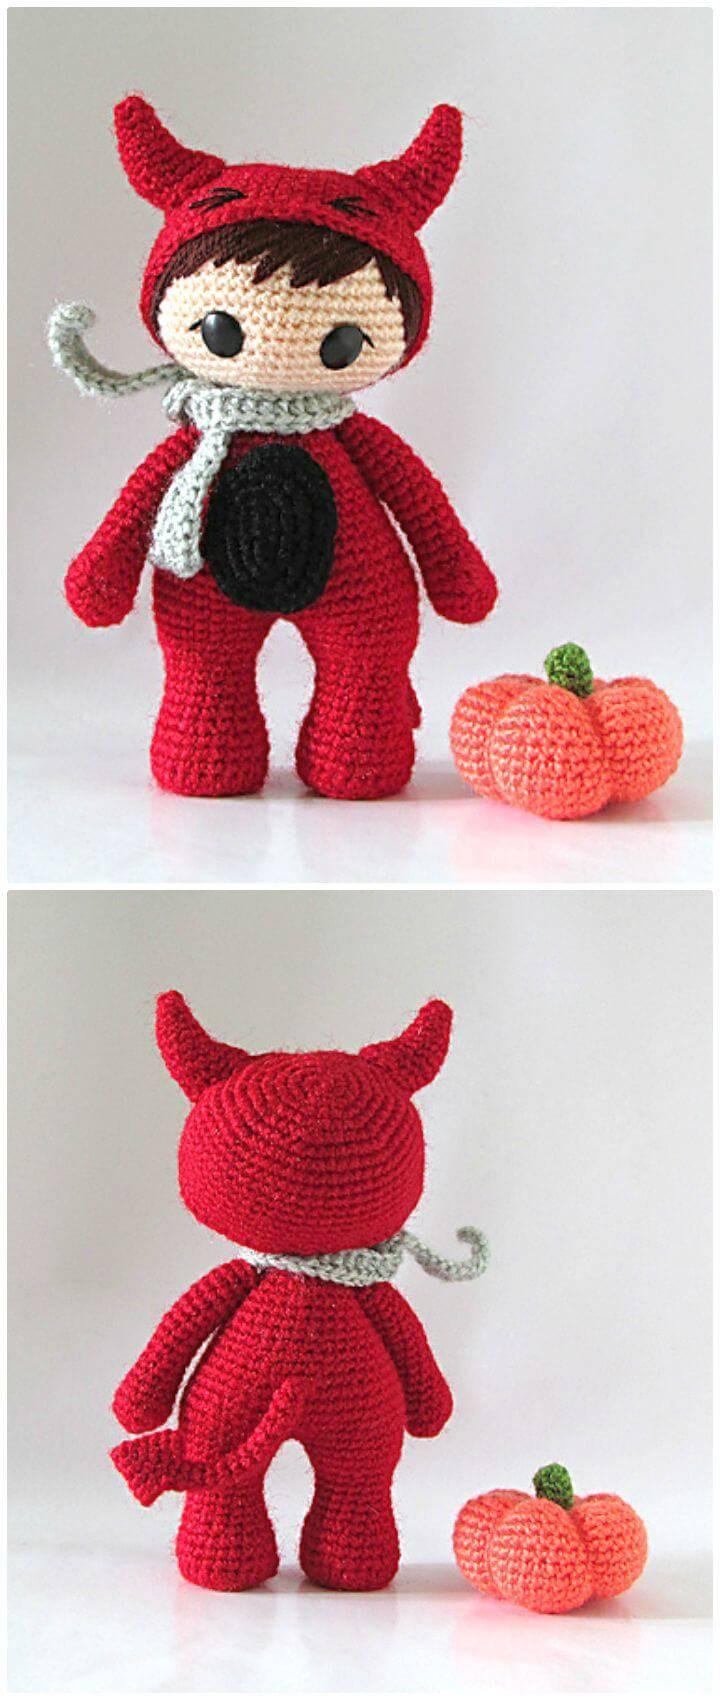 Free Crochet The Little Red Devil Amigurumi Pattern